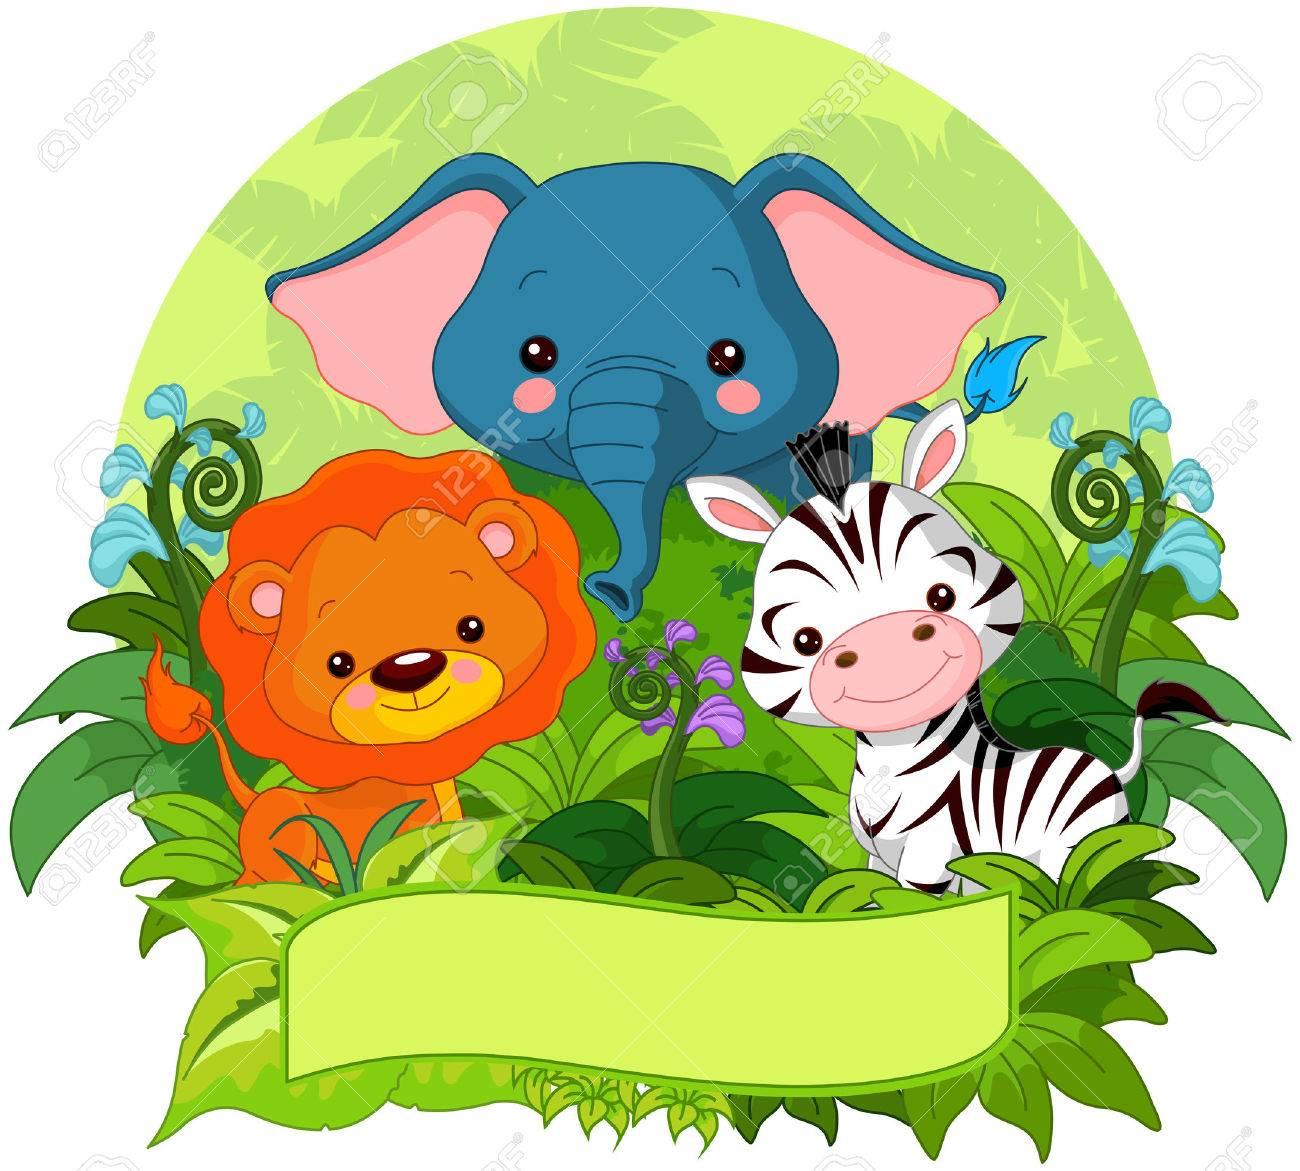 かわいいジャングルの動物自然の背景のイラストのイラスト素材ベクタ